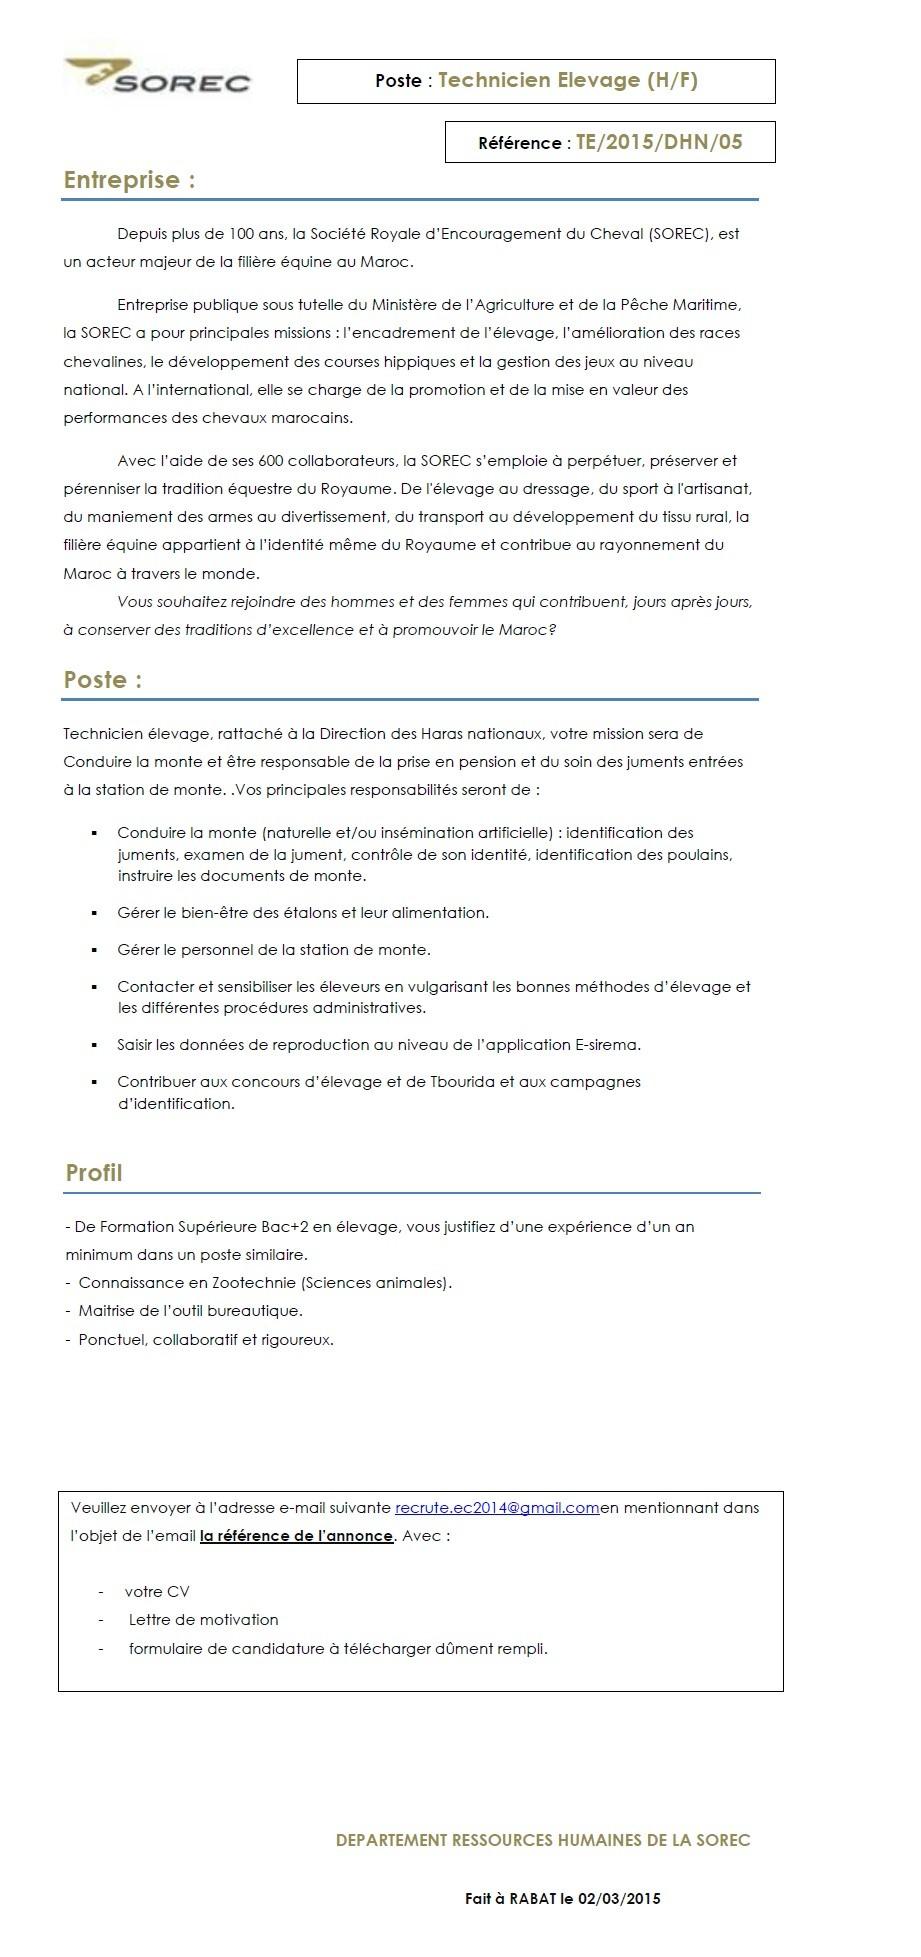 الشركة الملكية لتشجيع الفرس : مباراة لتوظيف عامل تطبيق (2 منصبان) و تقني تربية الخيول (5 مناصب) آخر أجل لإيداع الترشيحات 17 مارس 2015 Concou91